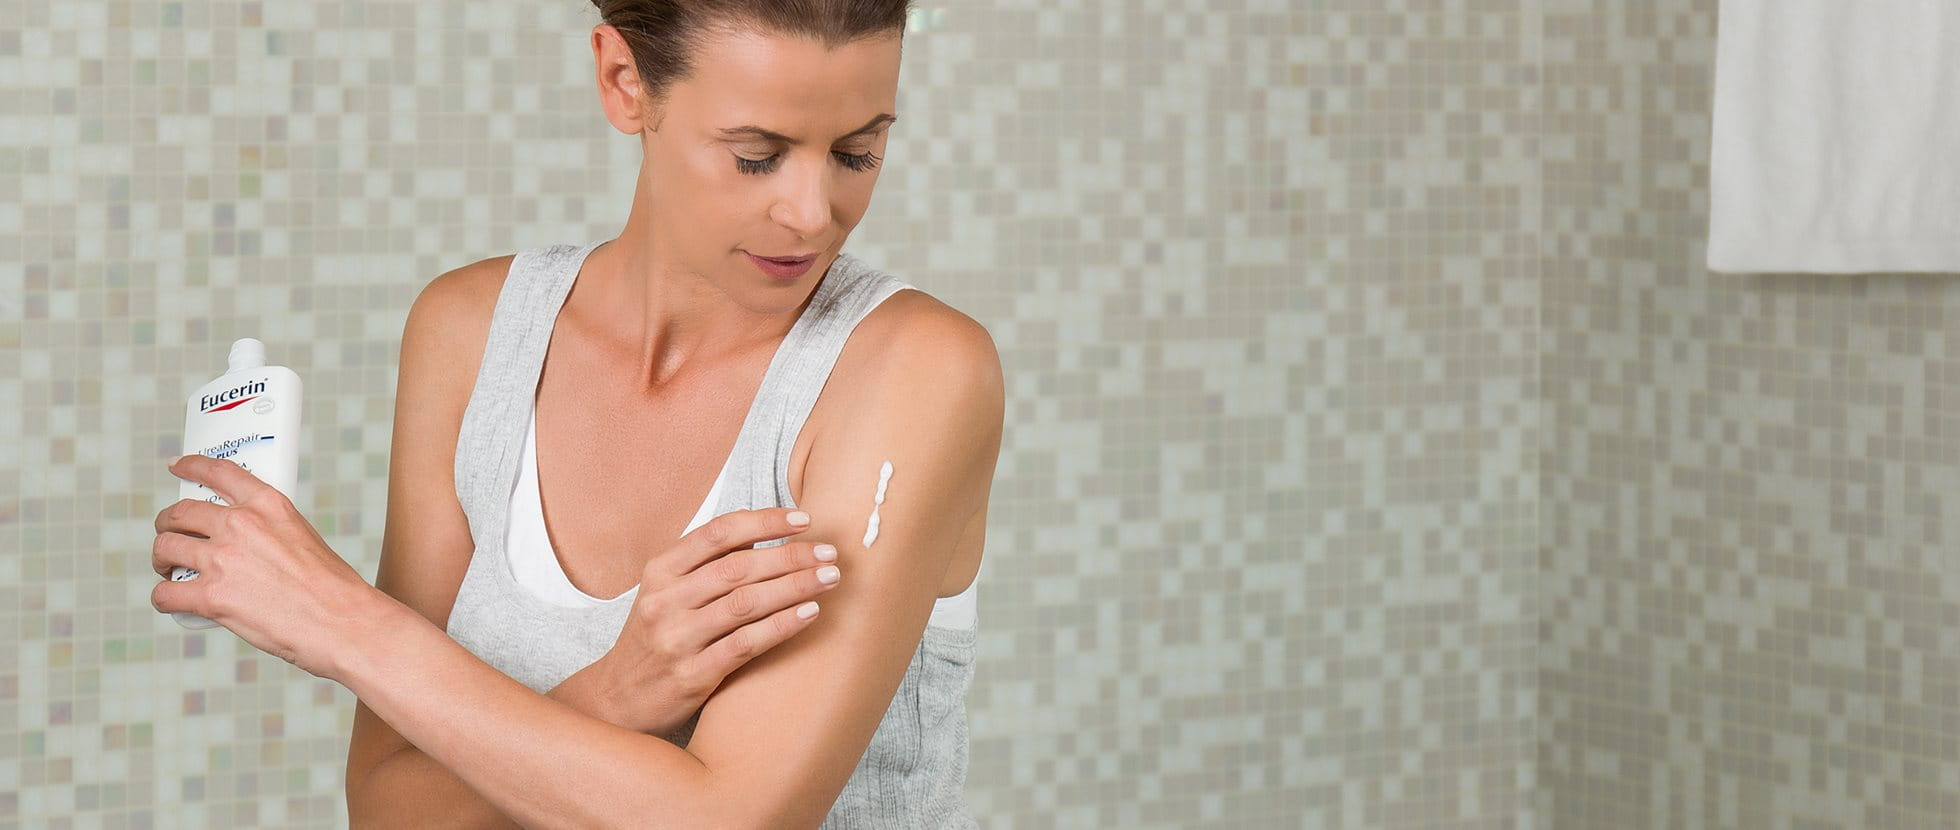 Reibeisenhaut Keratosis Pilaris Behandlung Eucerin